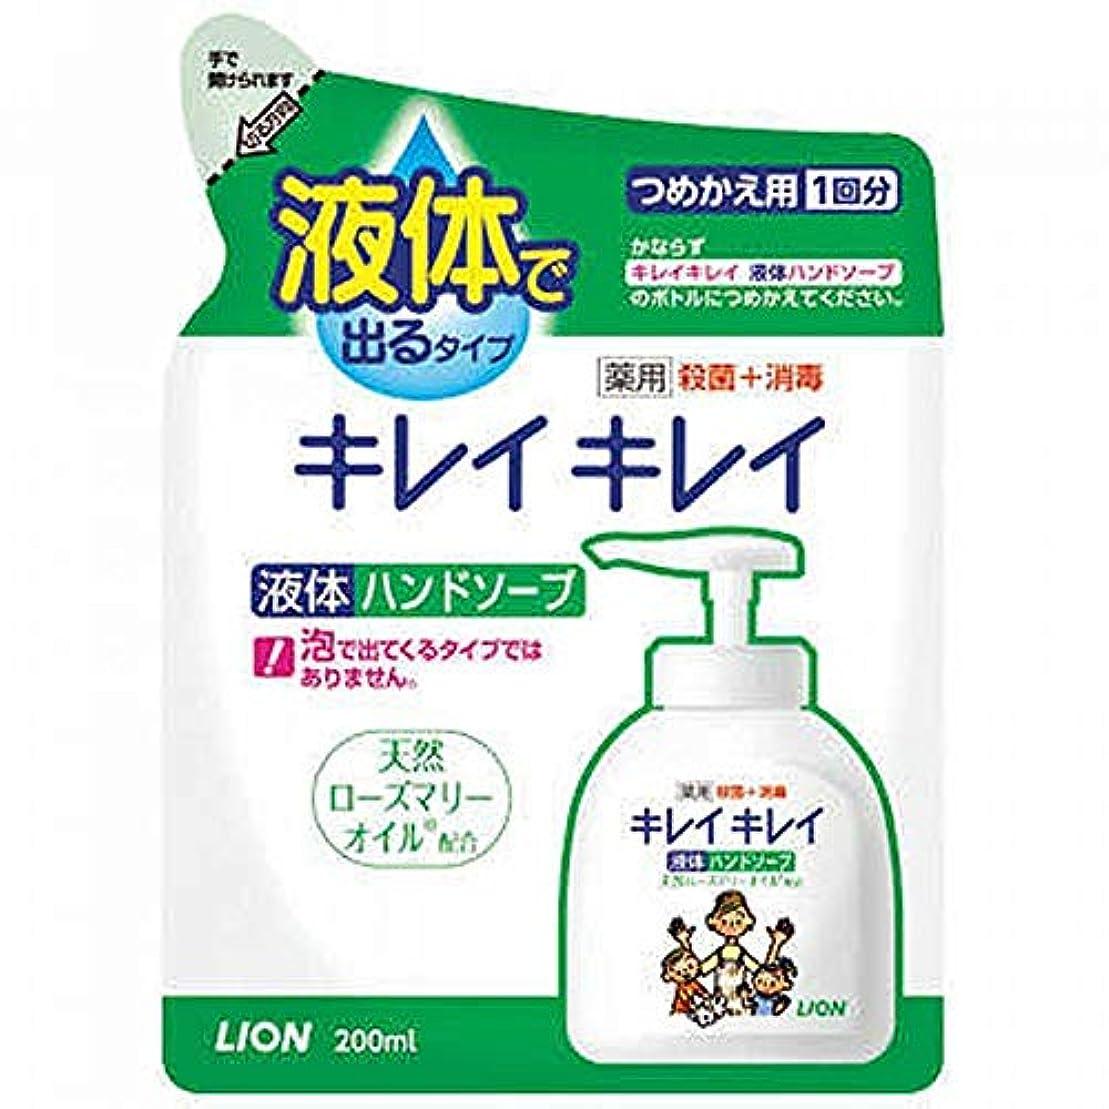 複雑な急降下石膏ライオン キレイキレイ 薬用液体ハンドソープ 詰替 200ml ×2セット